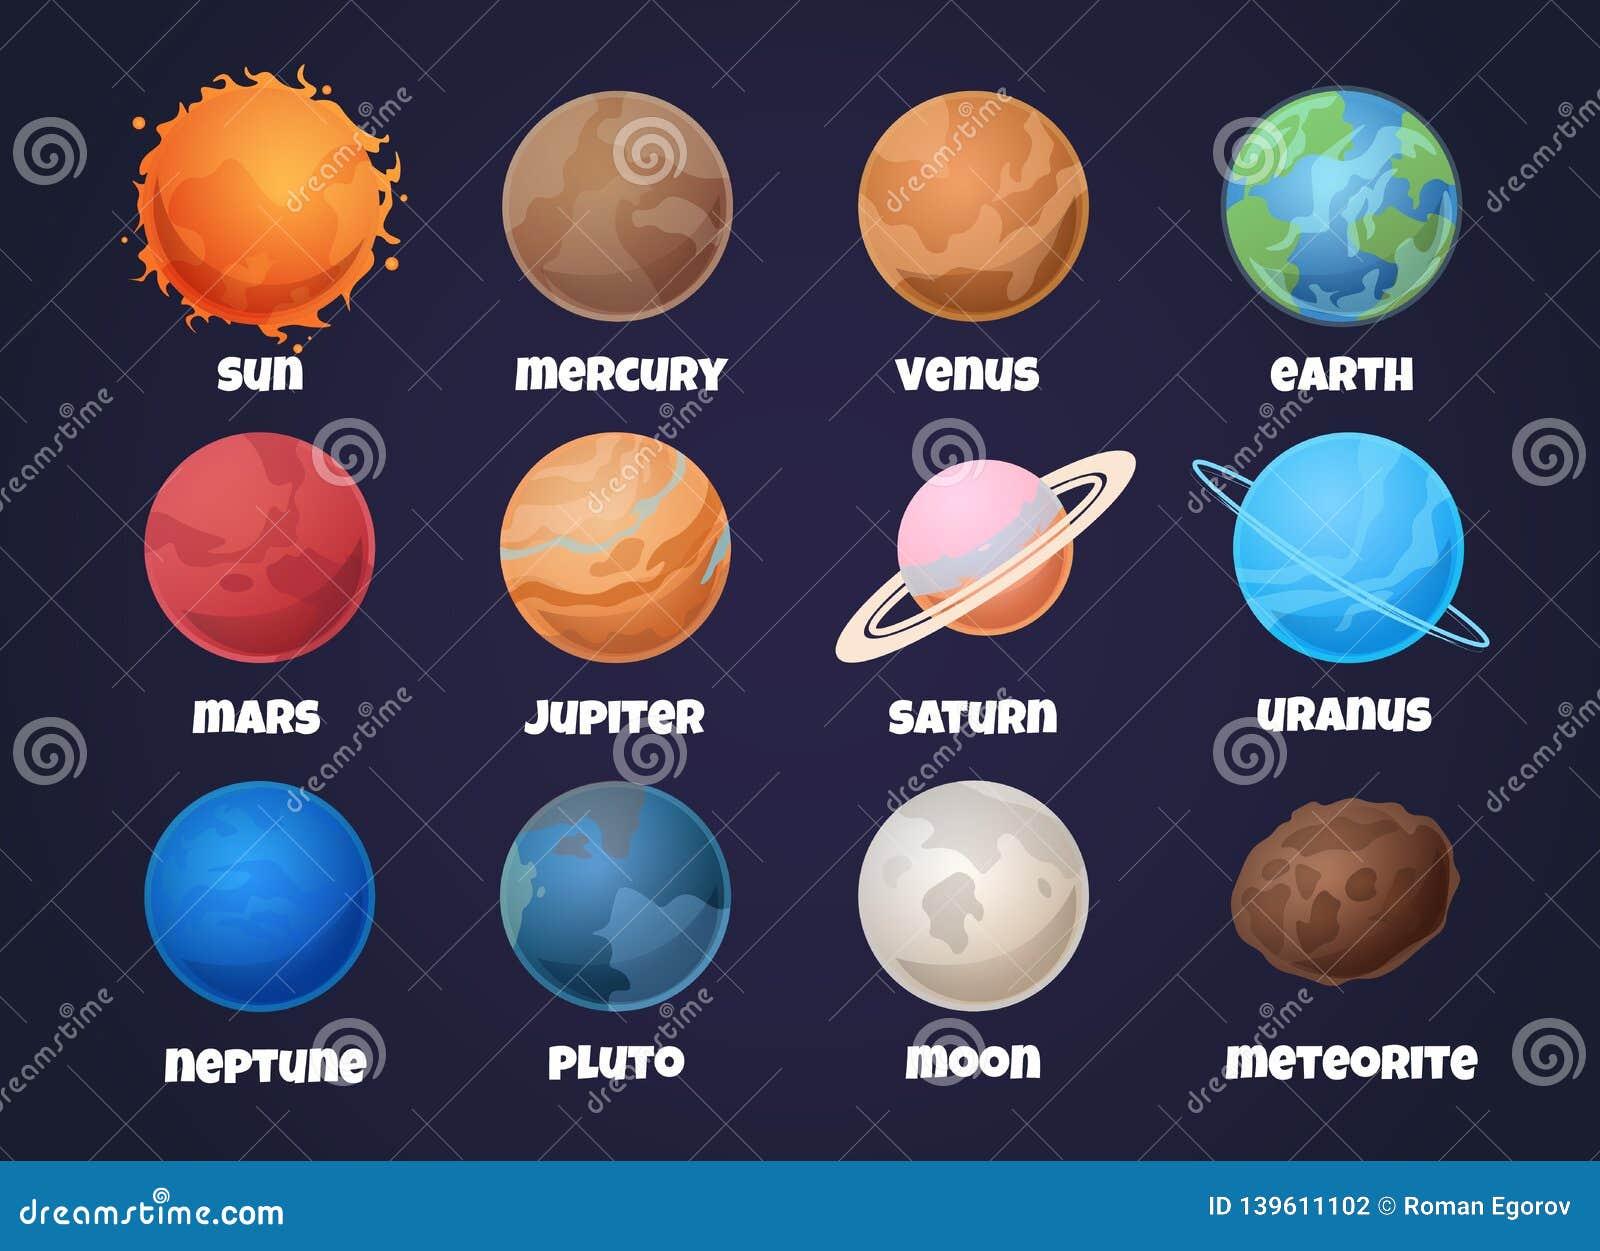 Planetas De La Sistema Solar El Mercurio Y El Venus De La